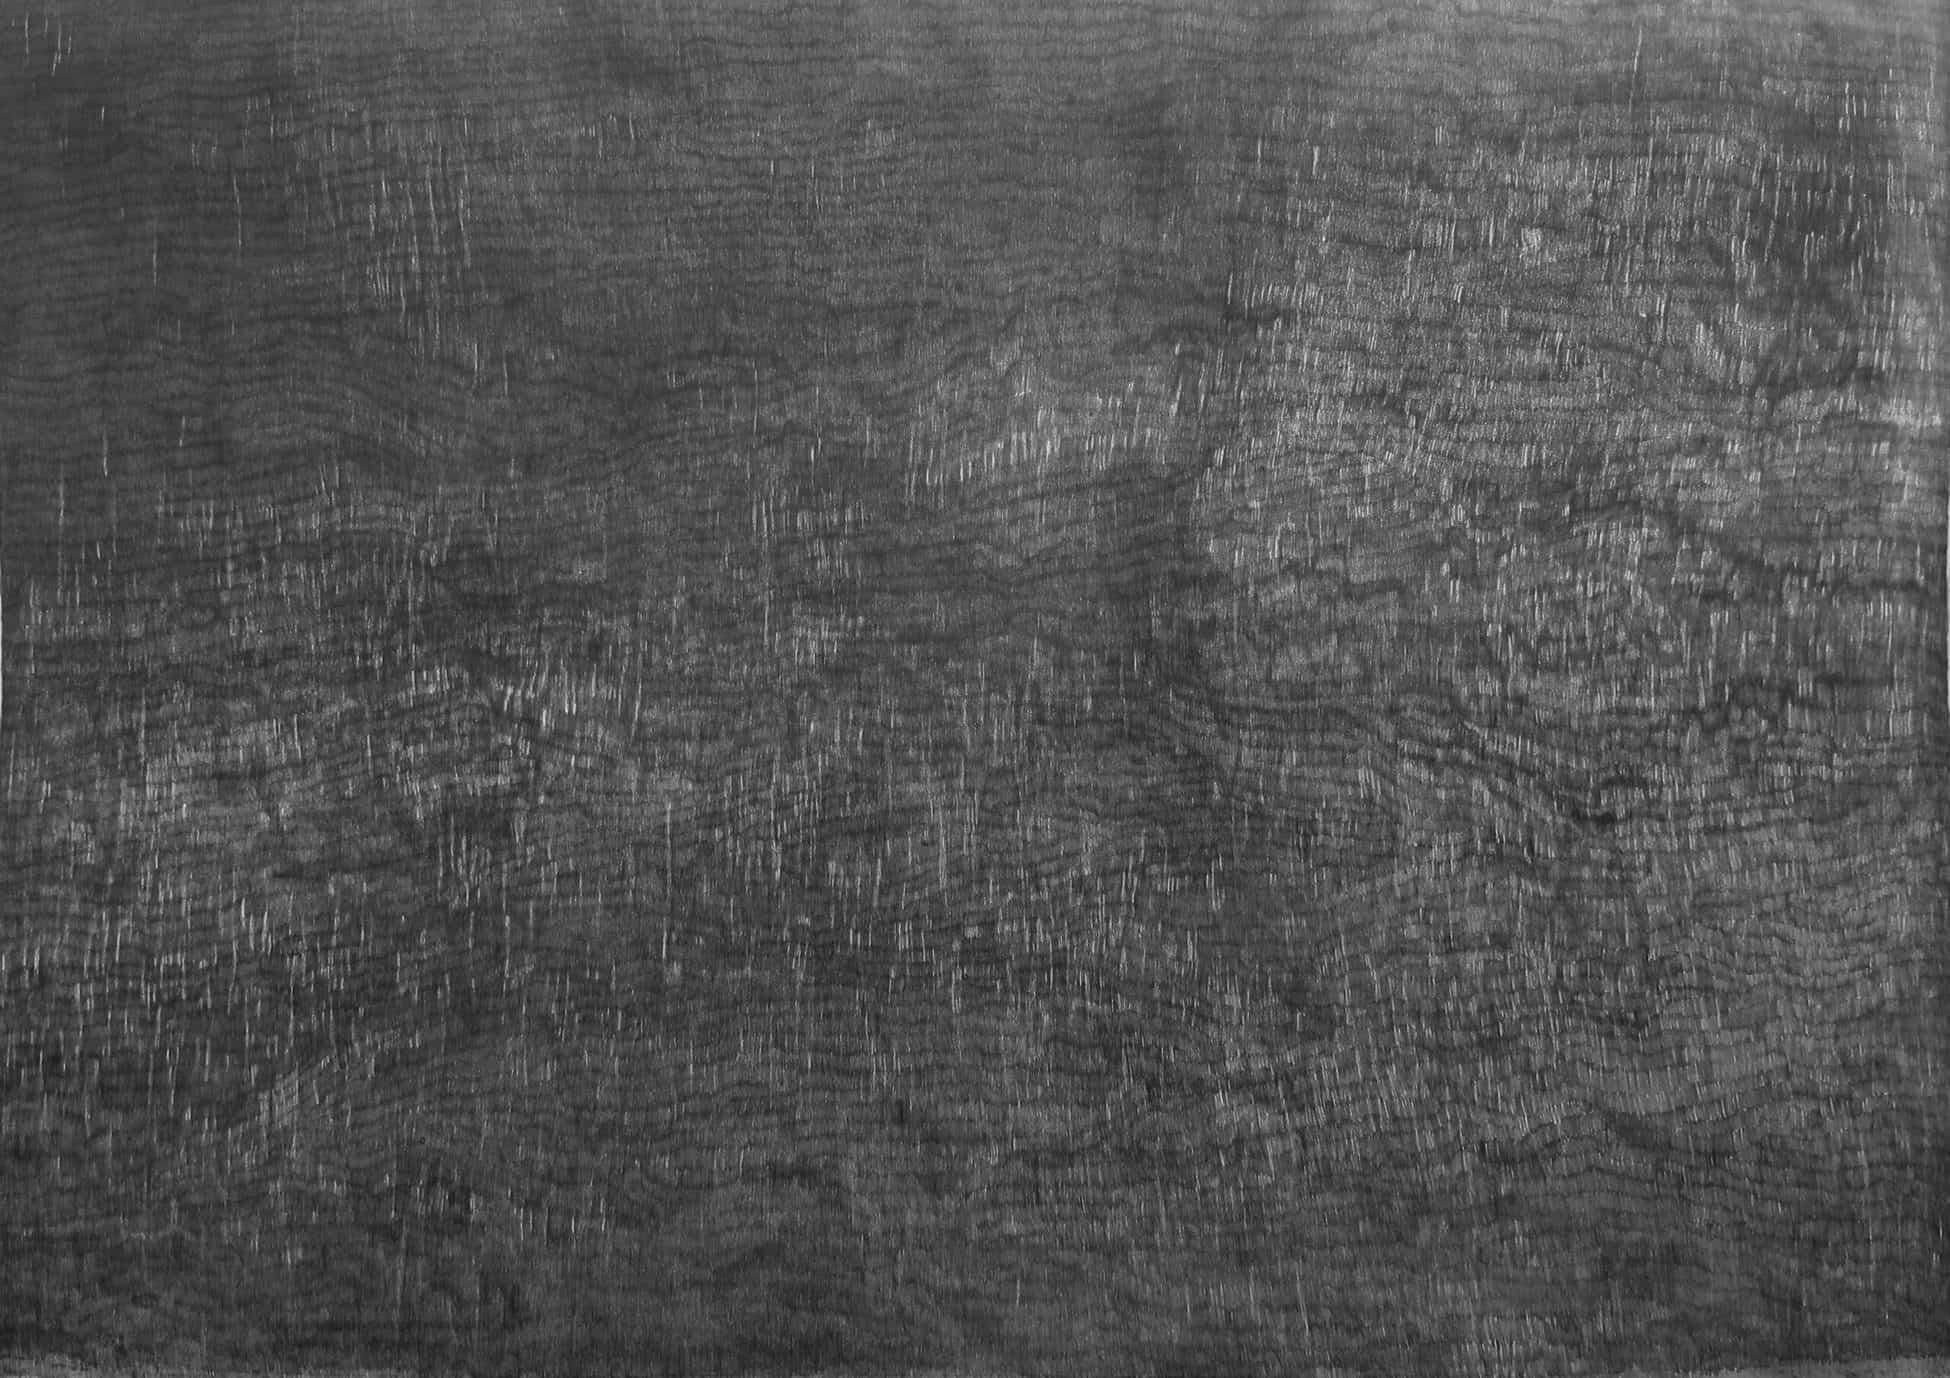 François Réau, Mesurer le temps, 2017 mine de plomb et graphite sur papier 250 x 385 cm, © Adagp